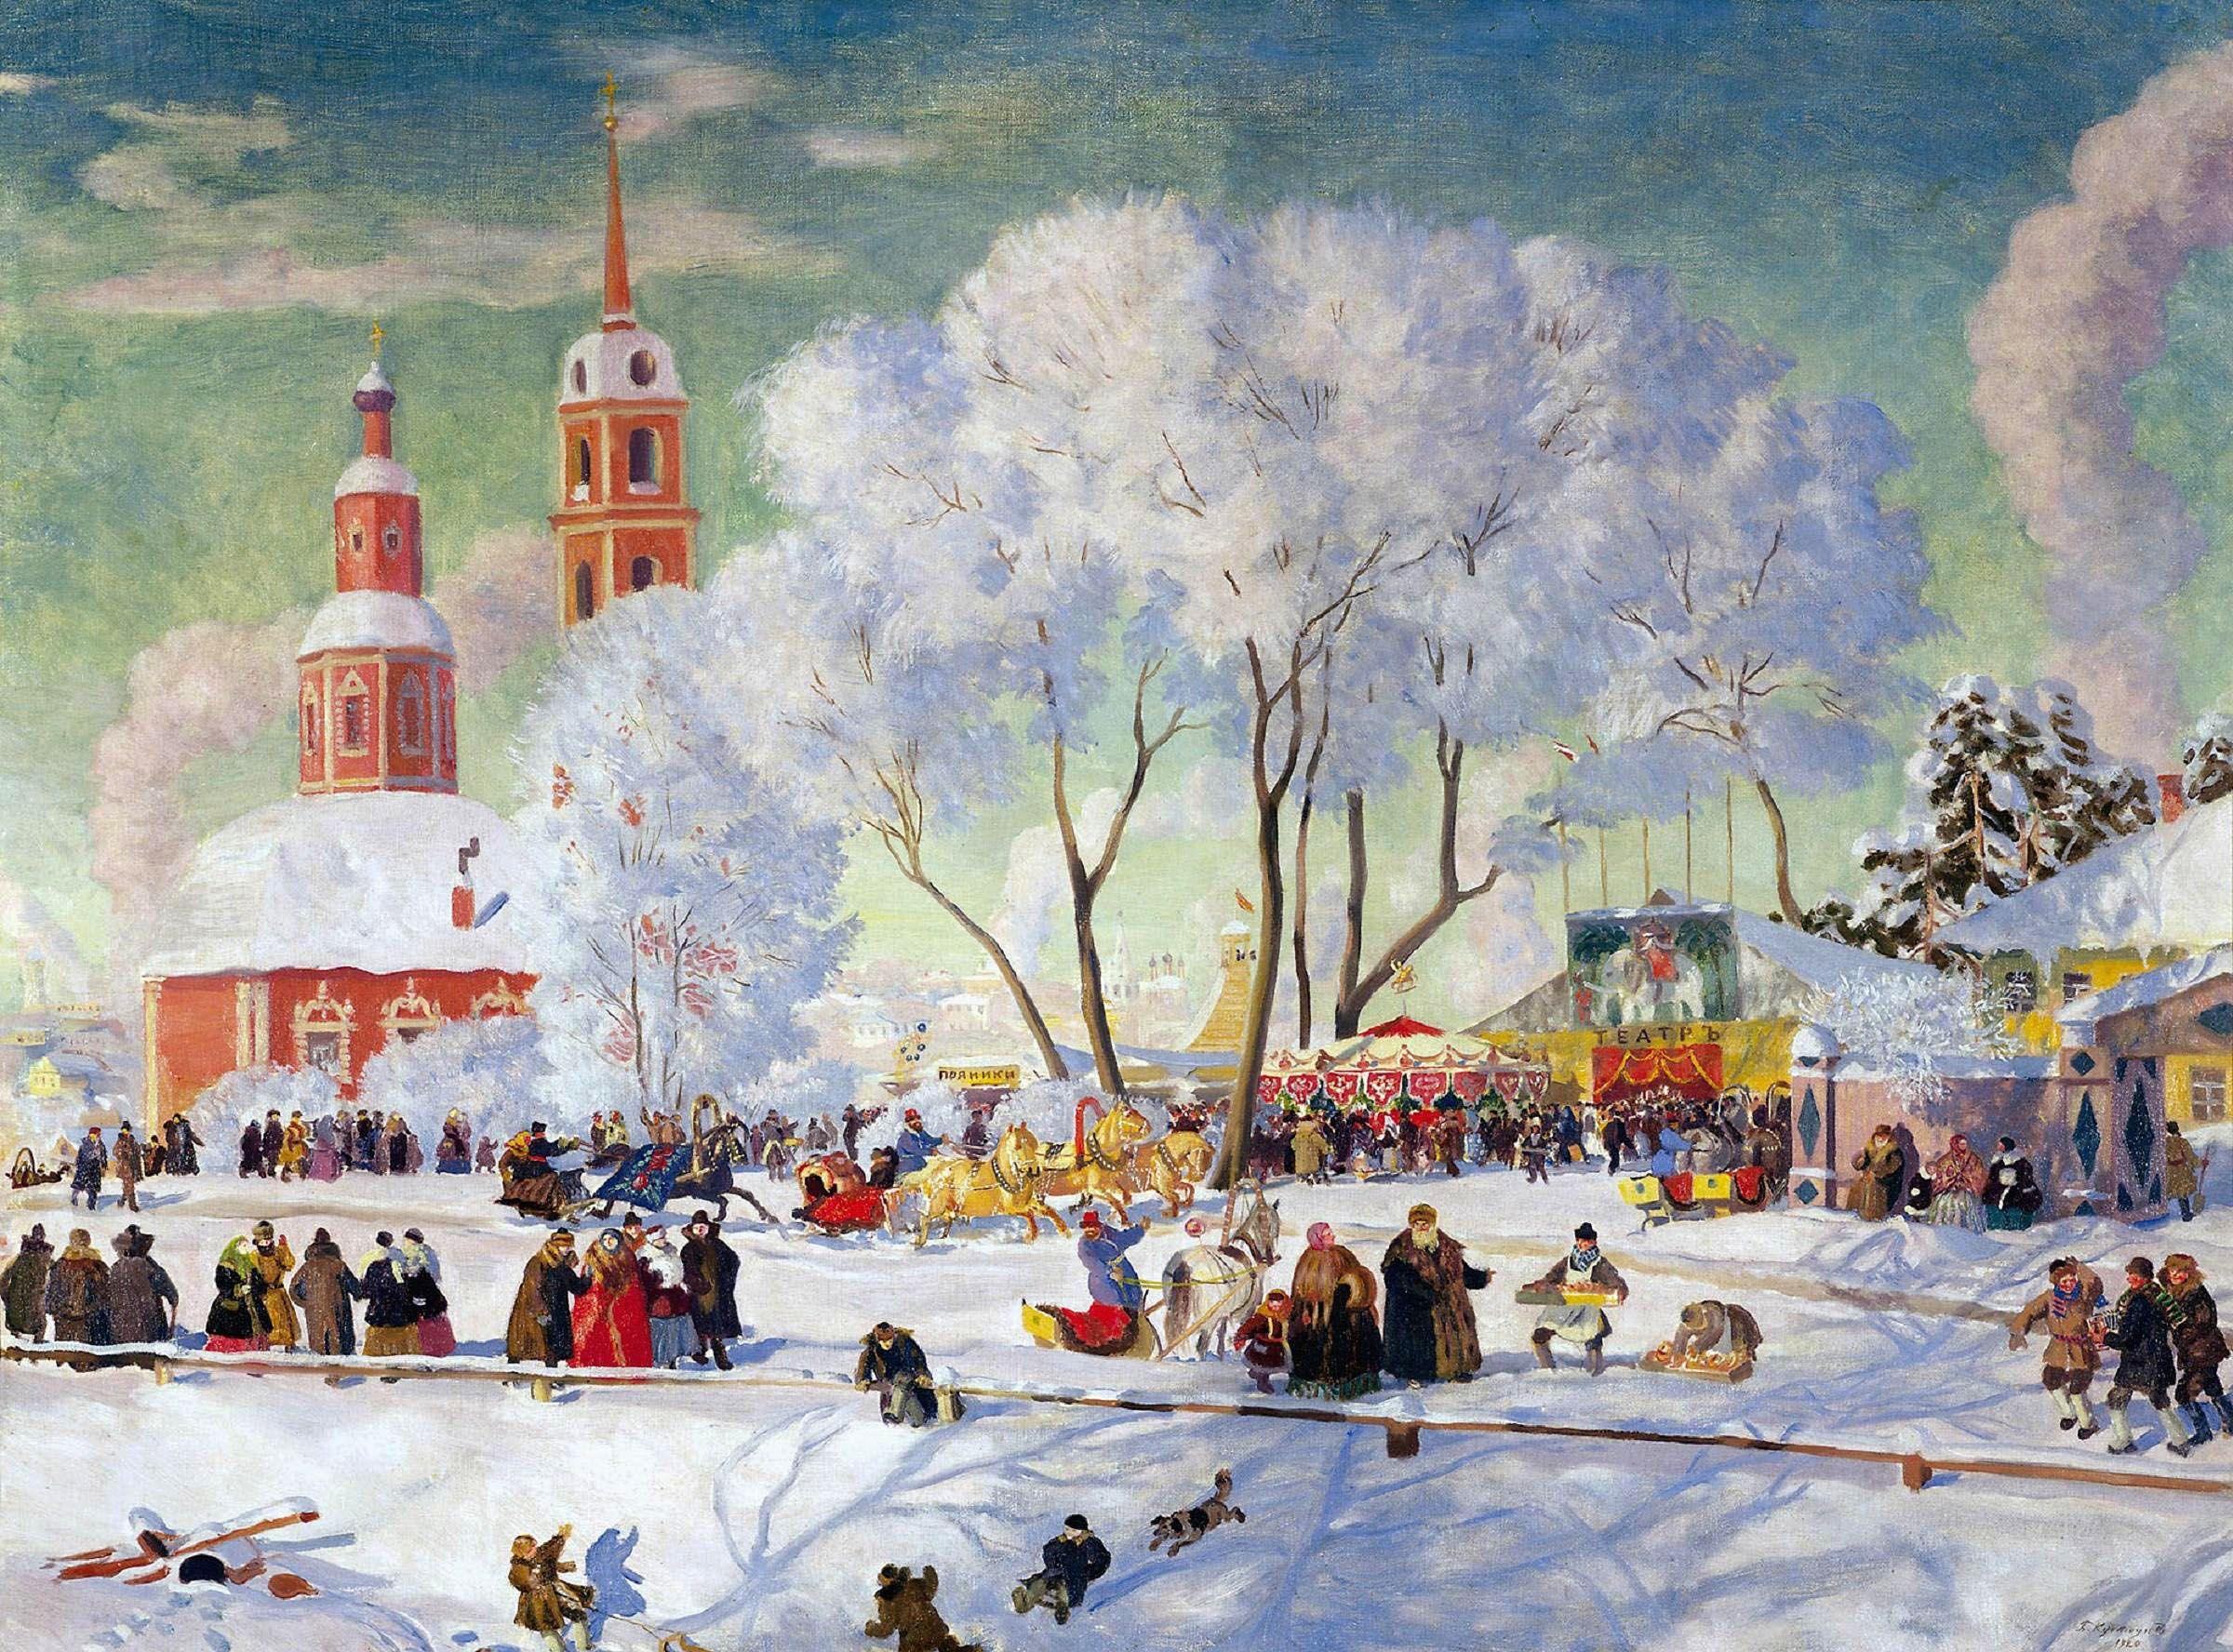 Carnaval Maslenica 1920 Boris Mijailovich Kustodiev Boris